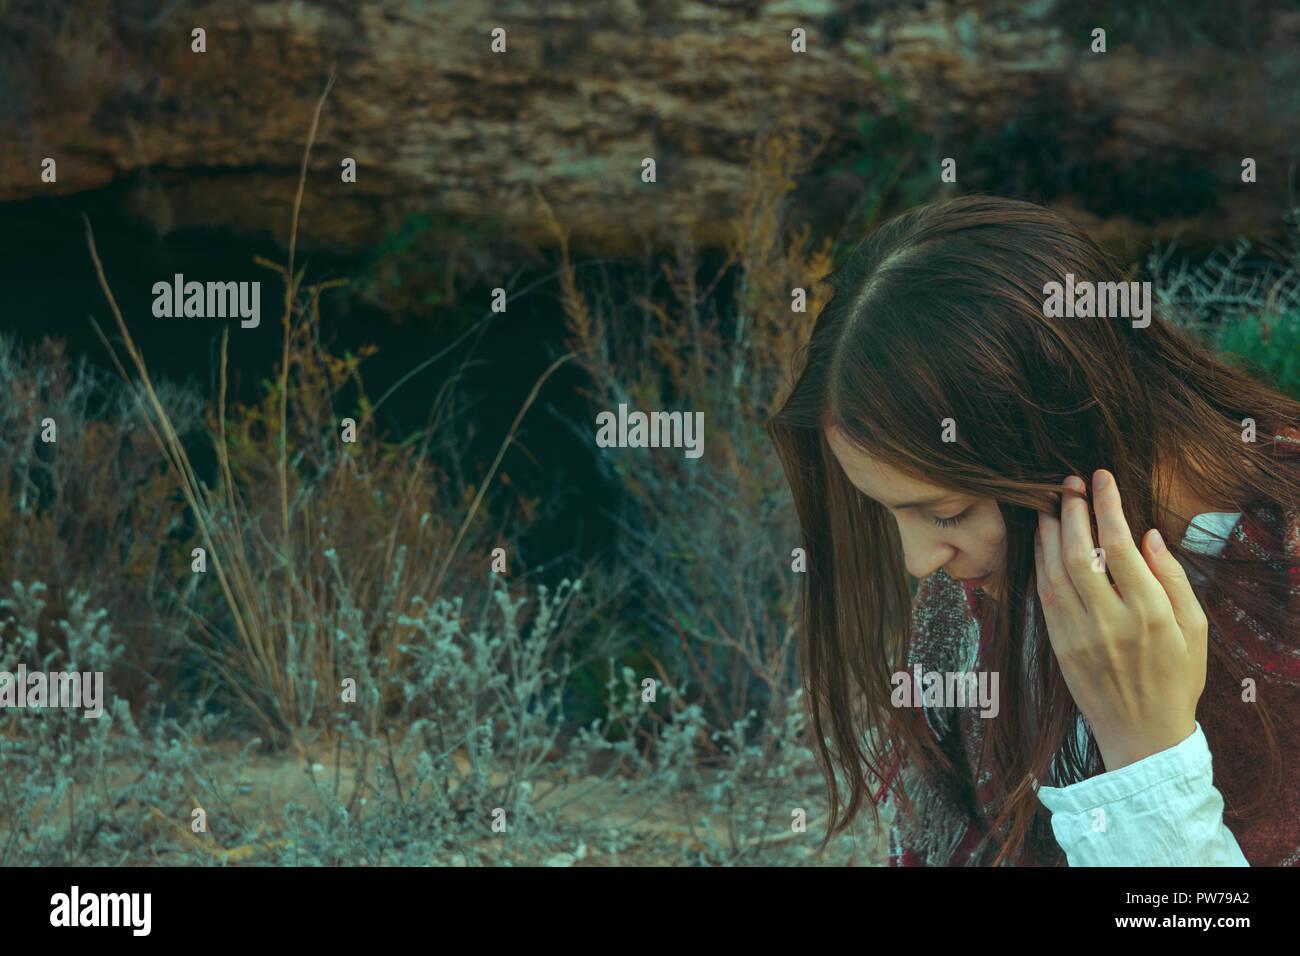 Junge kaukasier Frau mit langen kastanienbraunen Haare in karierten Wolle plaid Wandern in Feld Wiese. Gemütliche herbstliche Atmosphäre. Schöne Landschaft. Warme Erde Stockfoto